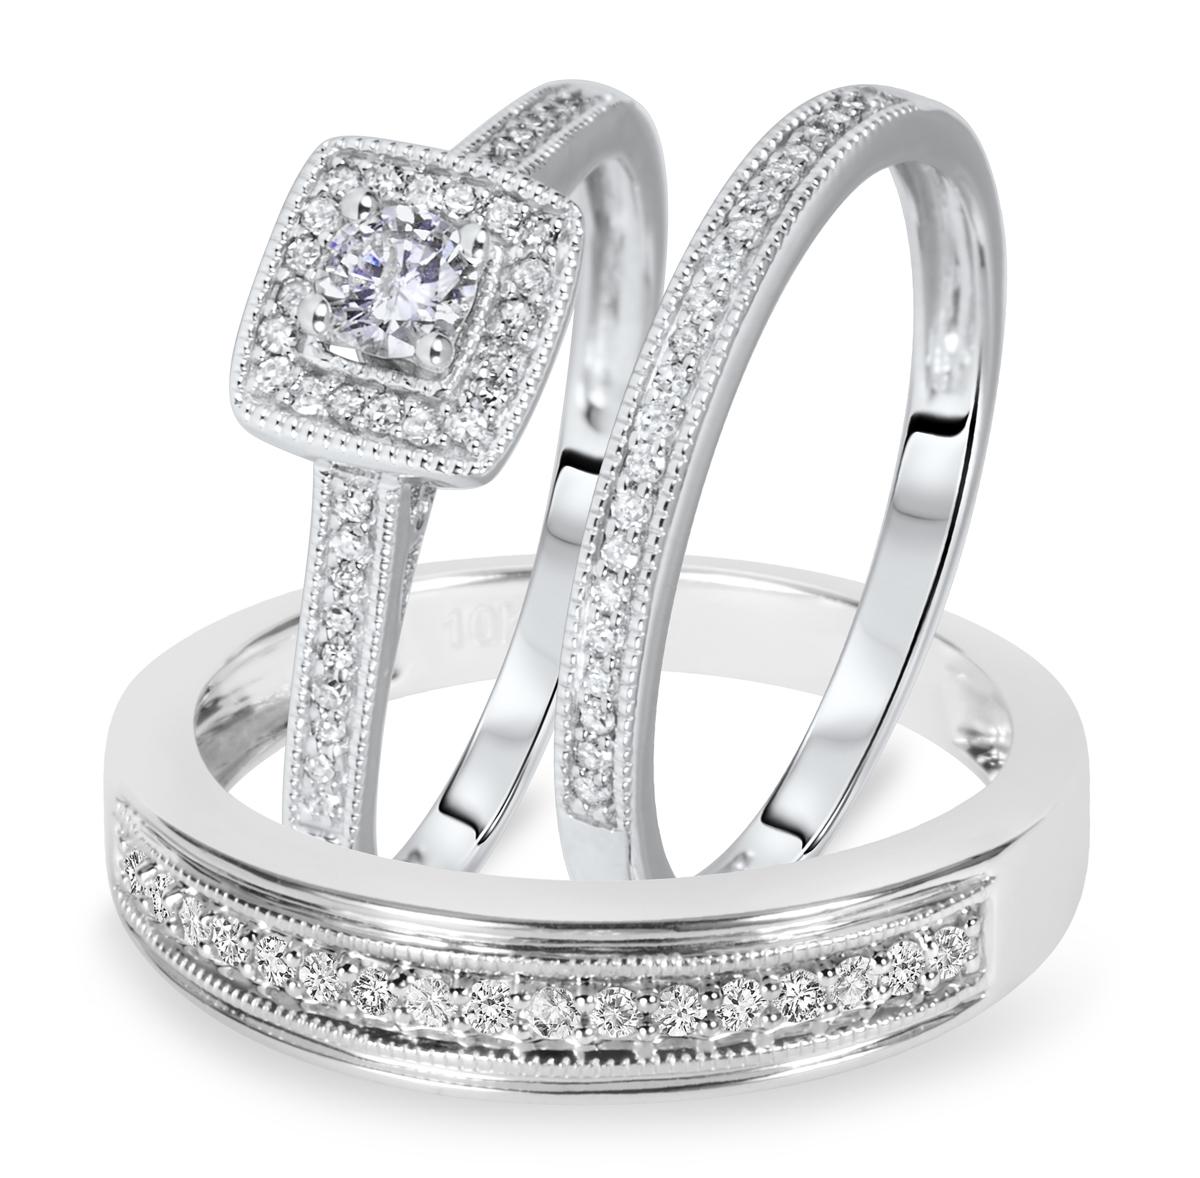 mtr-whitegold-ringset